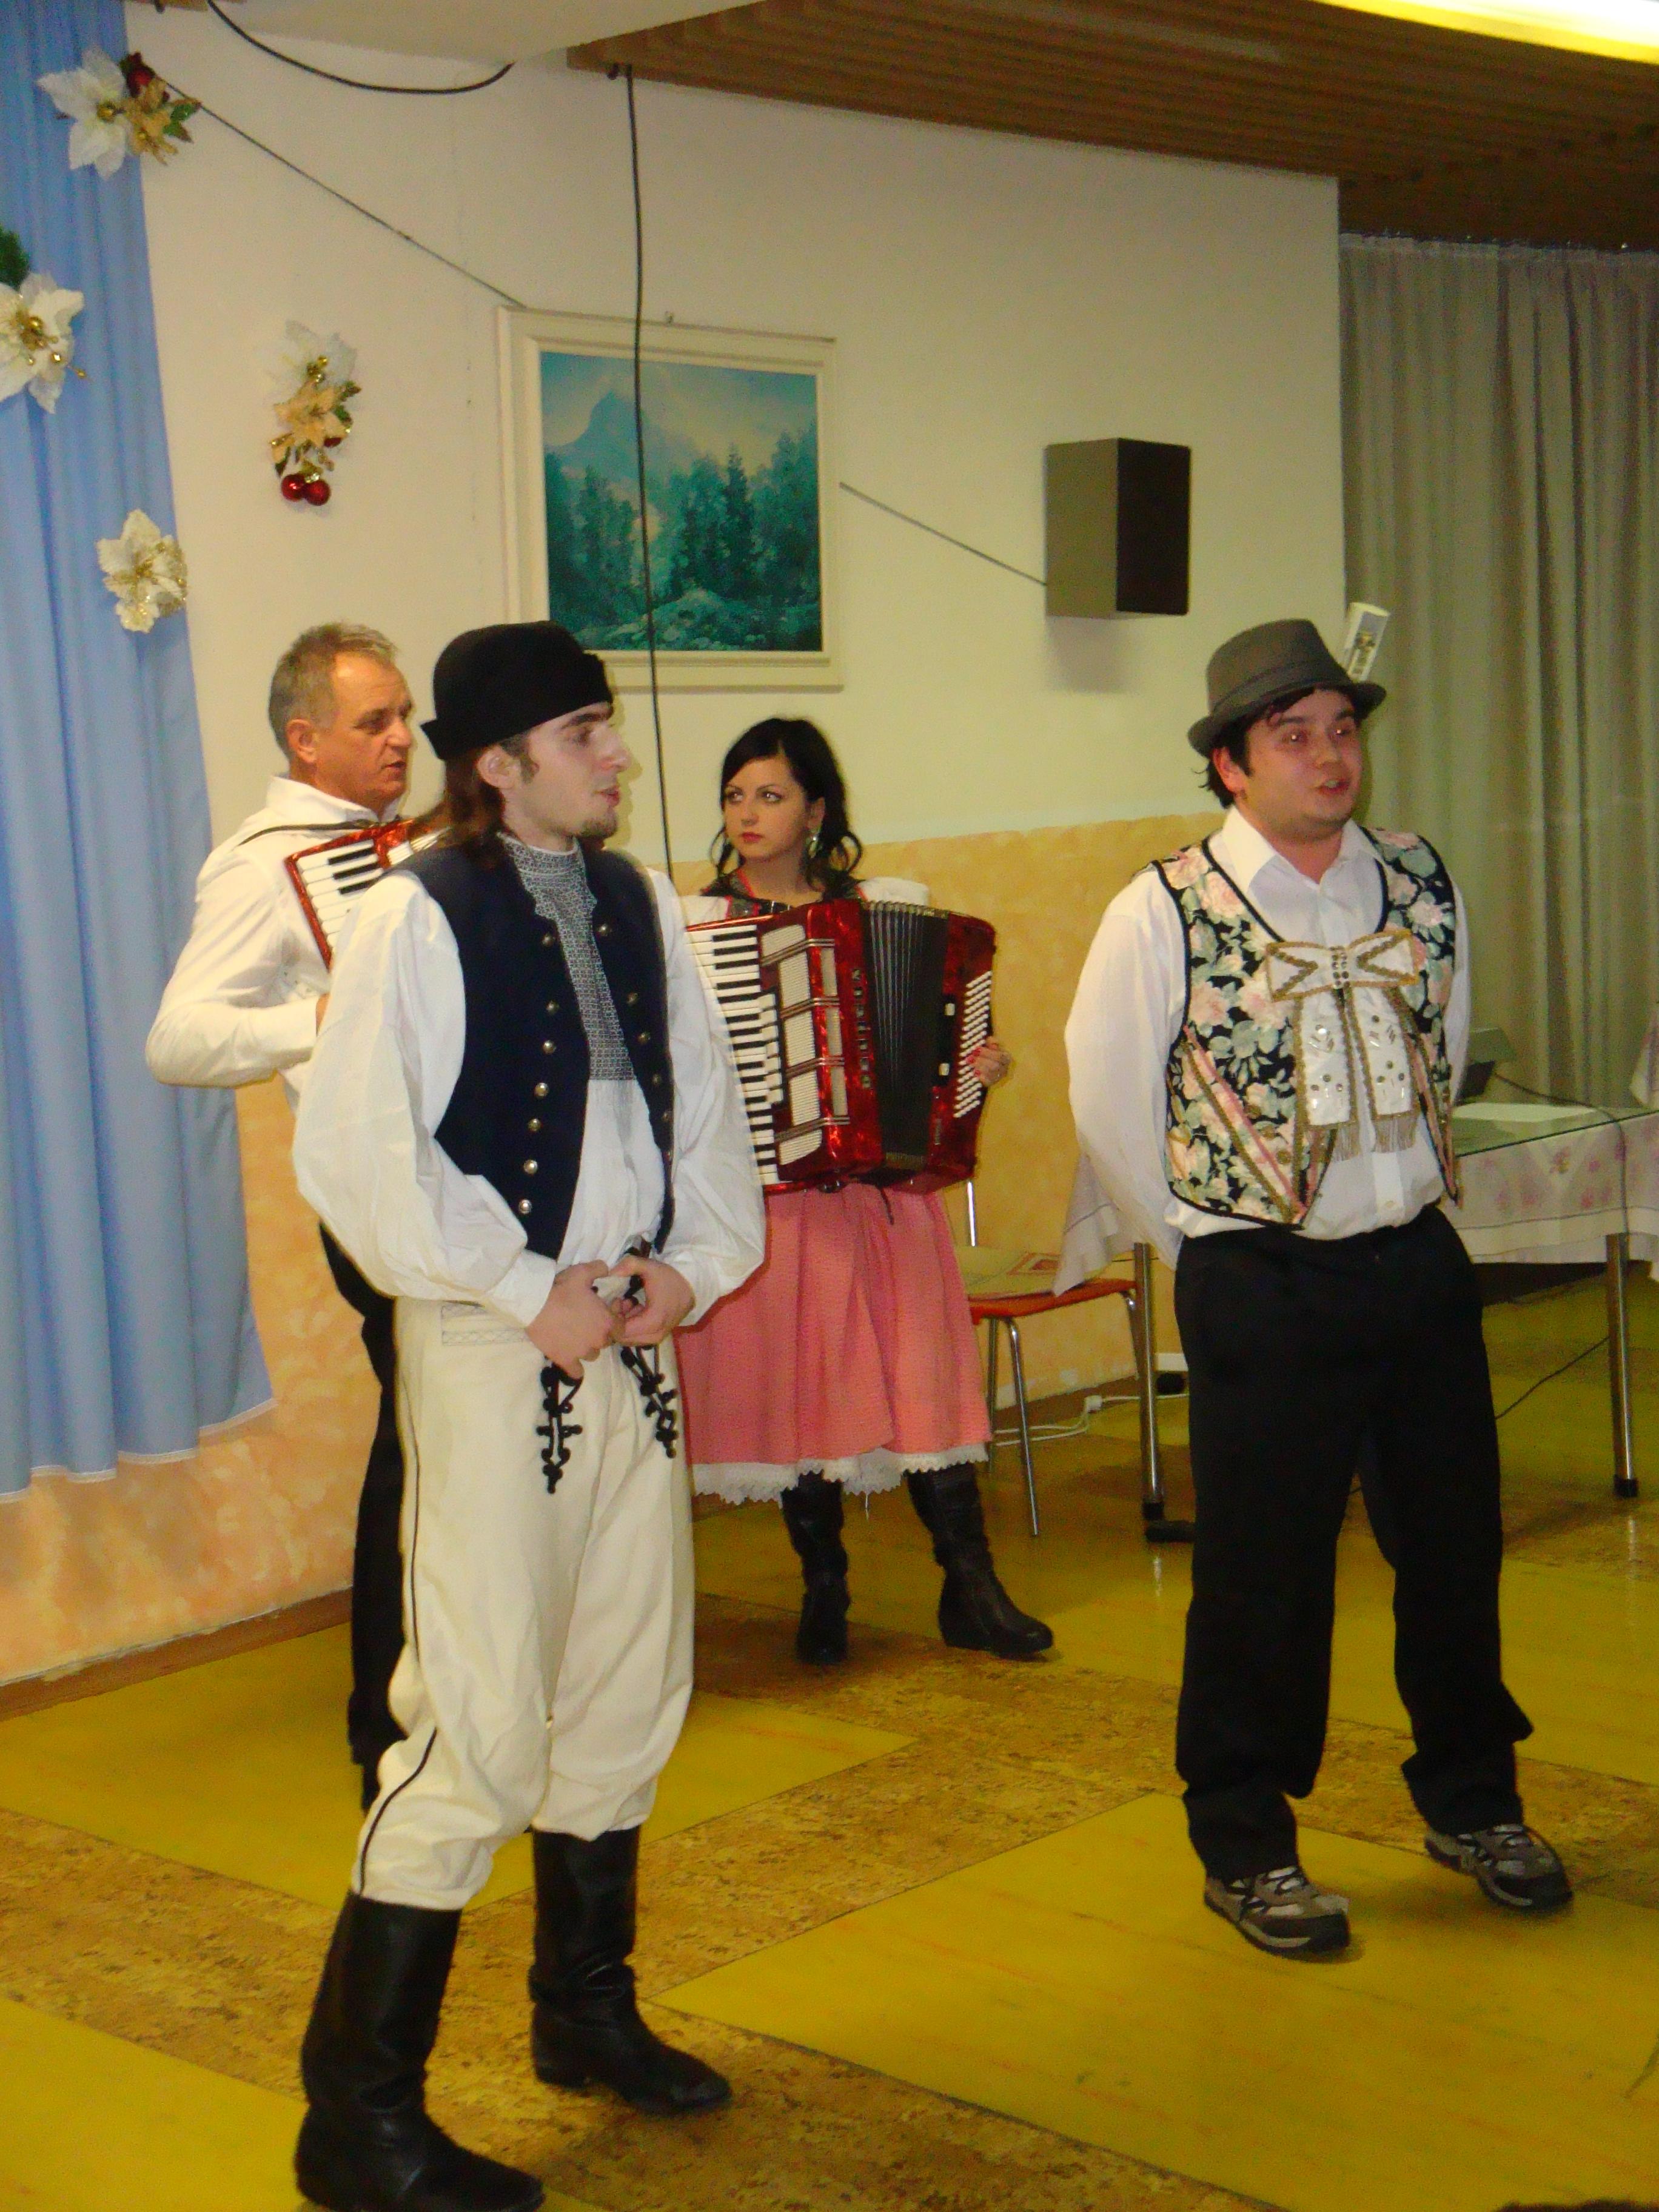 Vianočné vystúpenie - Obchodná akadémia Trnava 2012